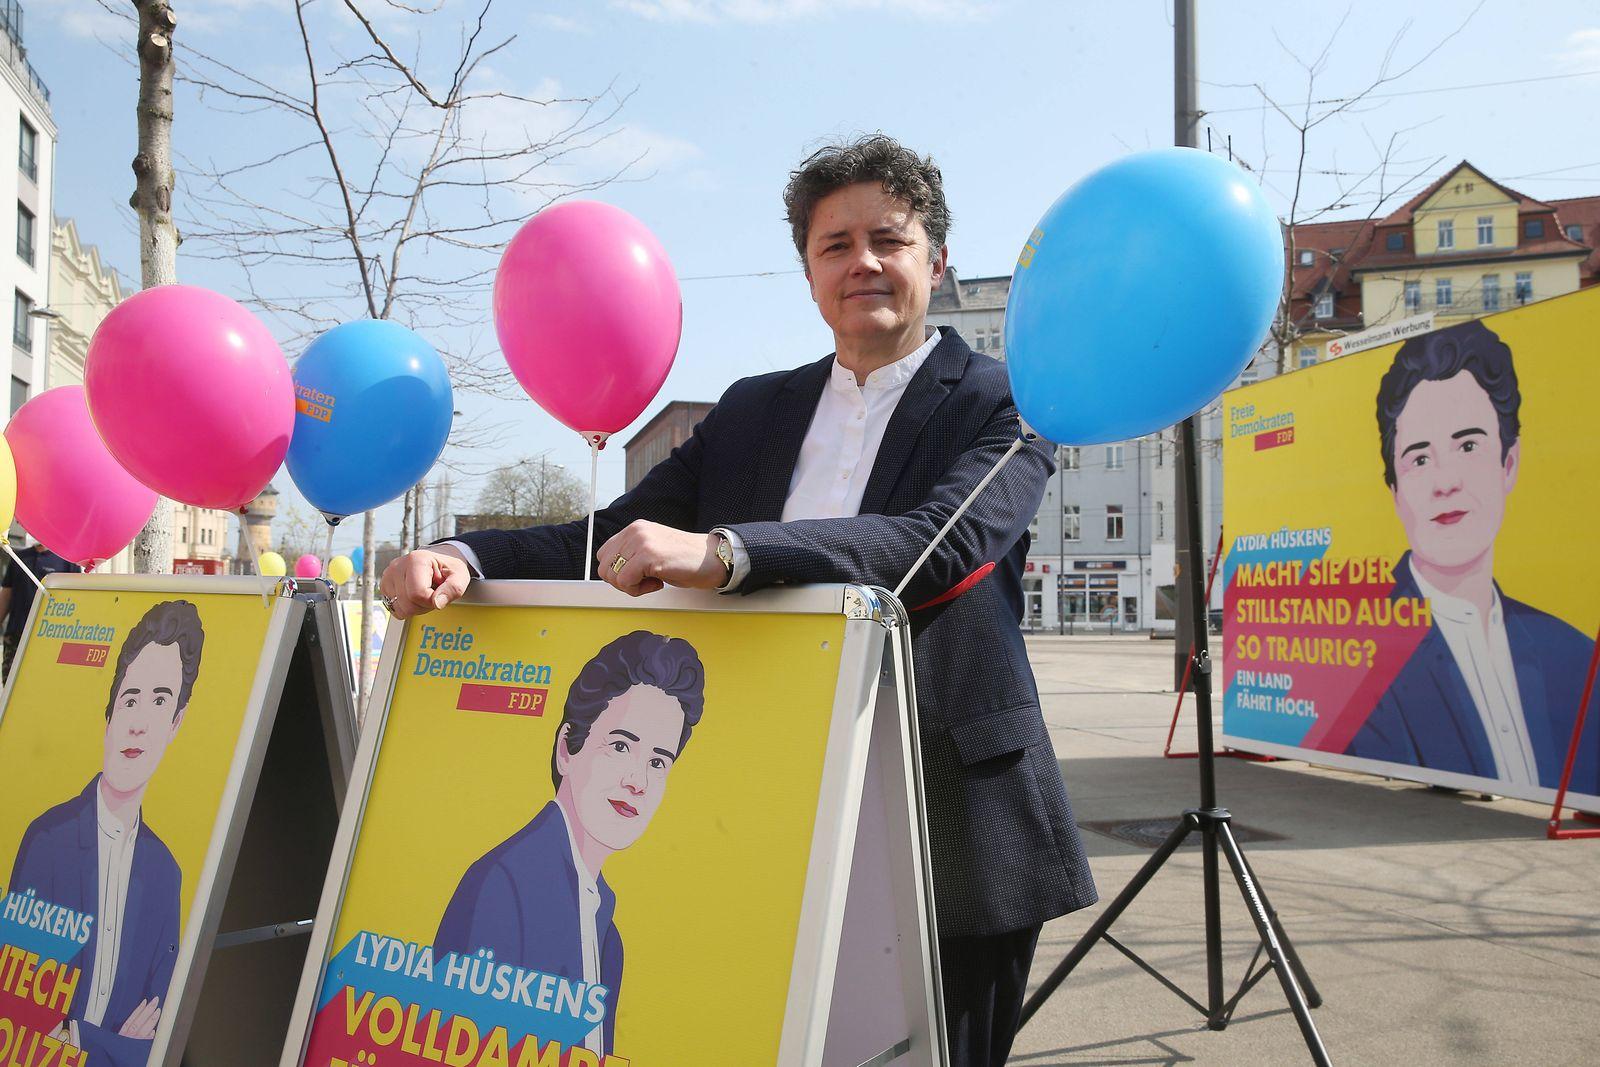 20.04..2021 // Sachsen Anhalt / Sachsen-Anhalt / Halle Saale Beginn Wahlkampf Land Sachsen-Anhalt Landtagswahl Foto : Ly